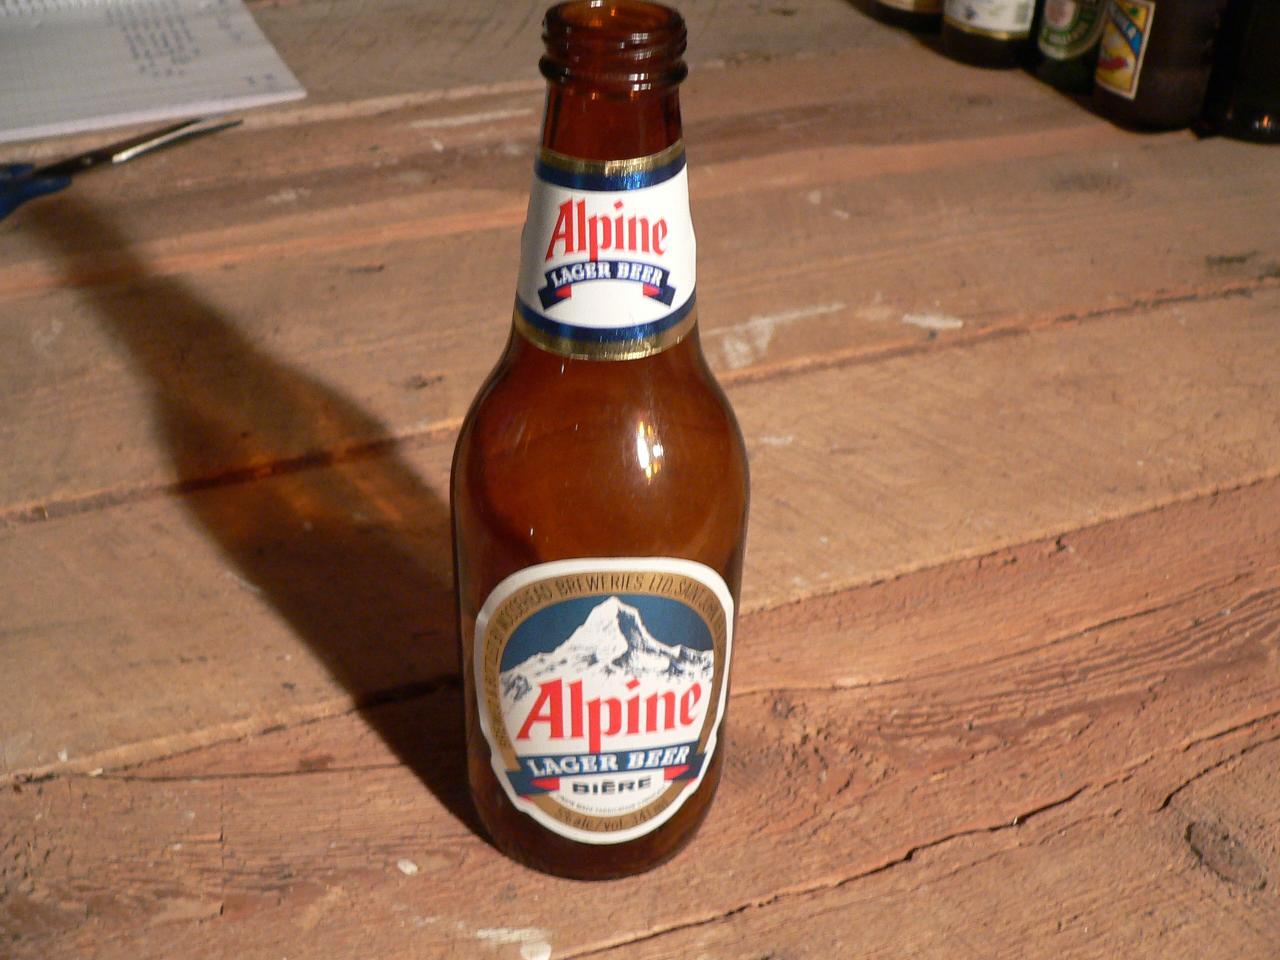 Biere alpine # 4739.47